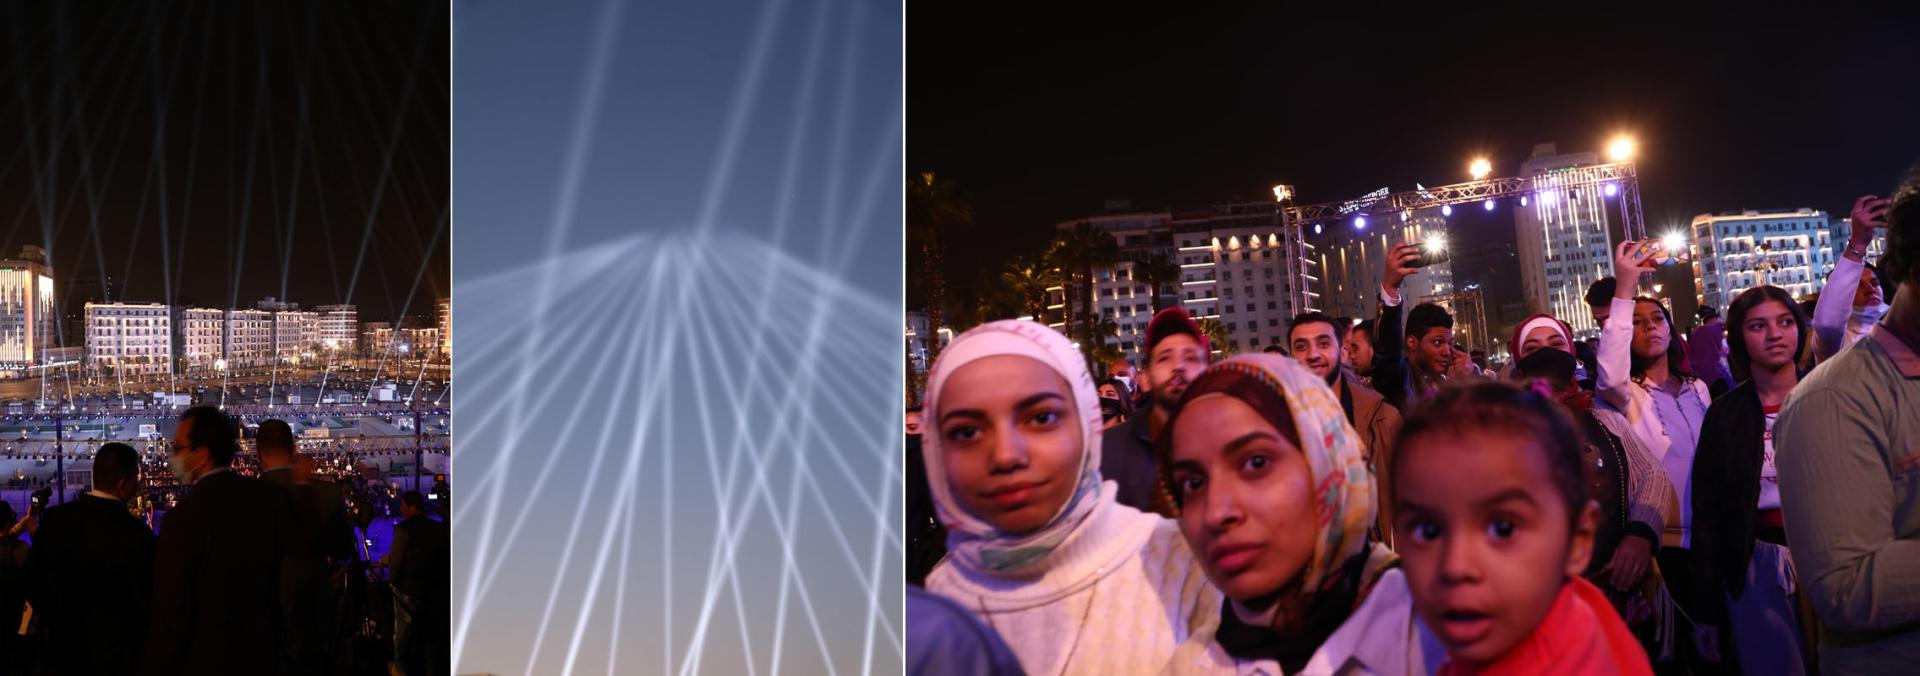 Les journalistes et quelques badauds assistent à la cérémonie autour de la place Tahrir du Caire, illuminée pour l'occasion, le 3 avril 2021.